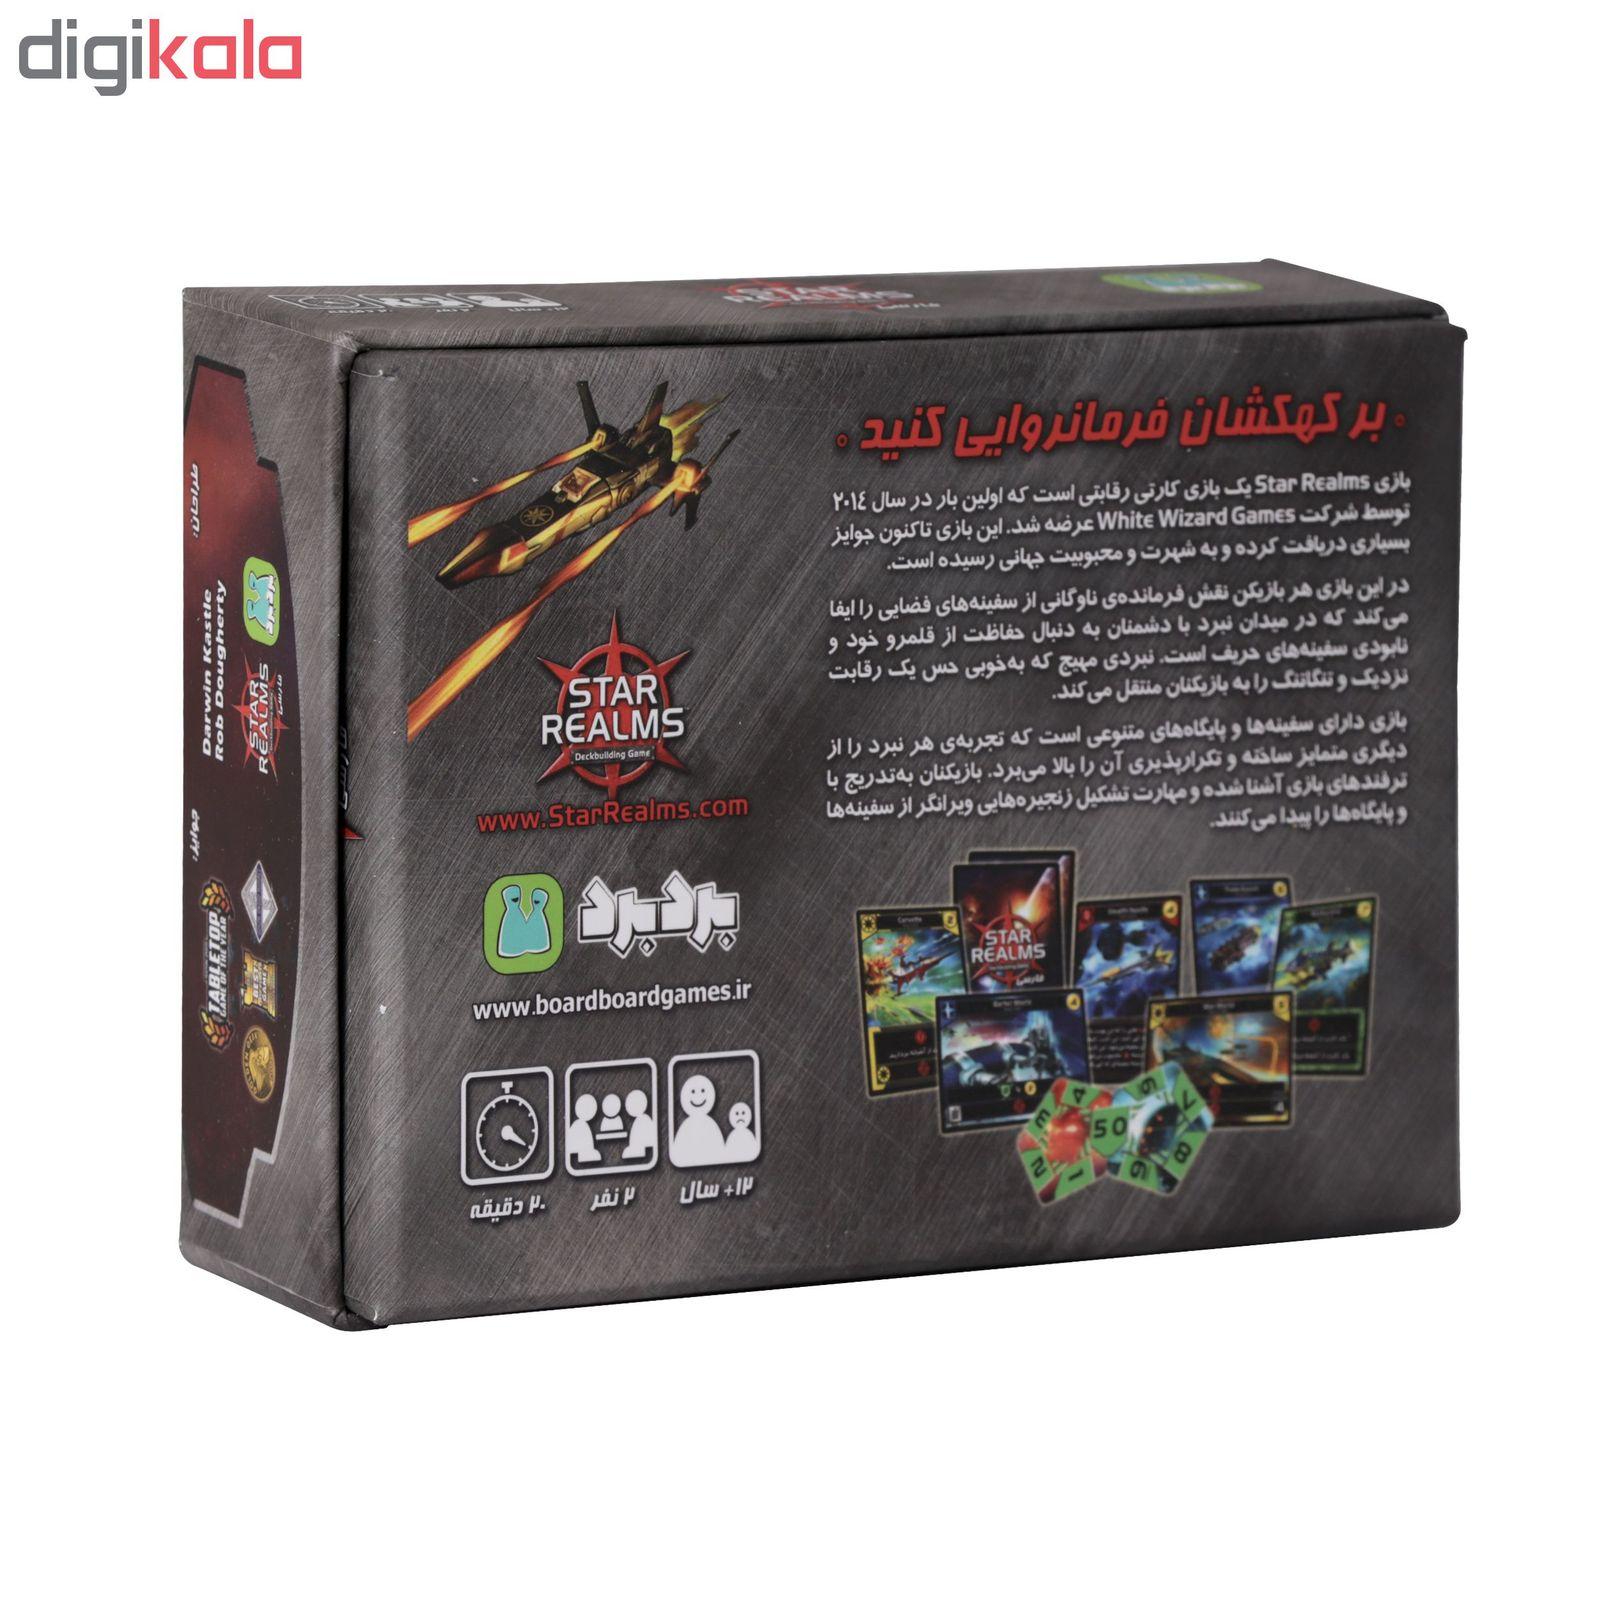 بازی کارتی برد برد مدل قلمرو ستارگان نسخه فارسی